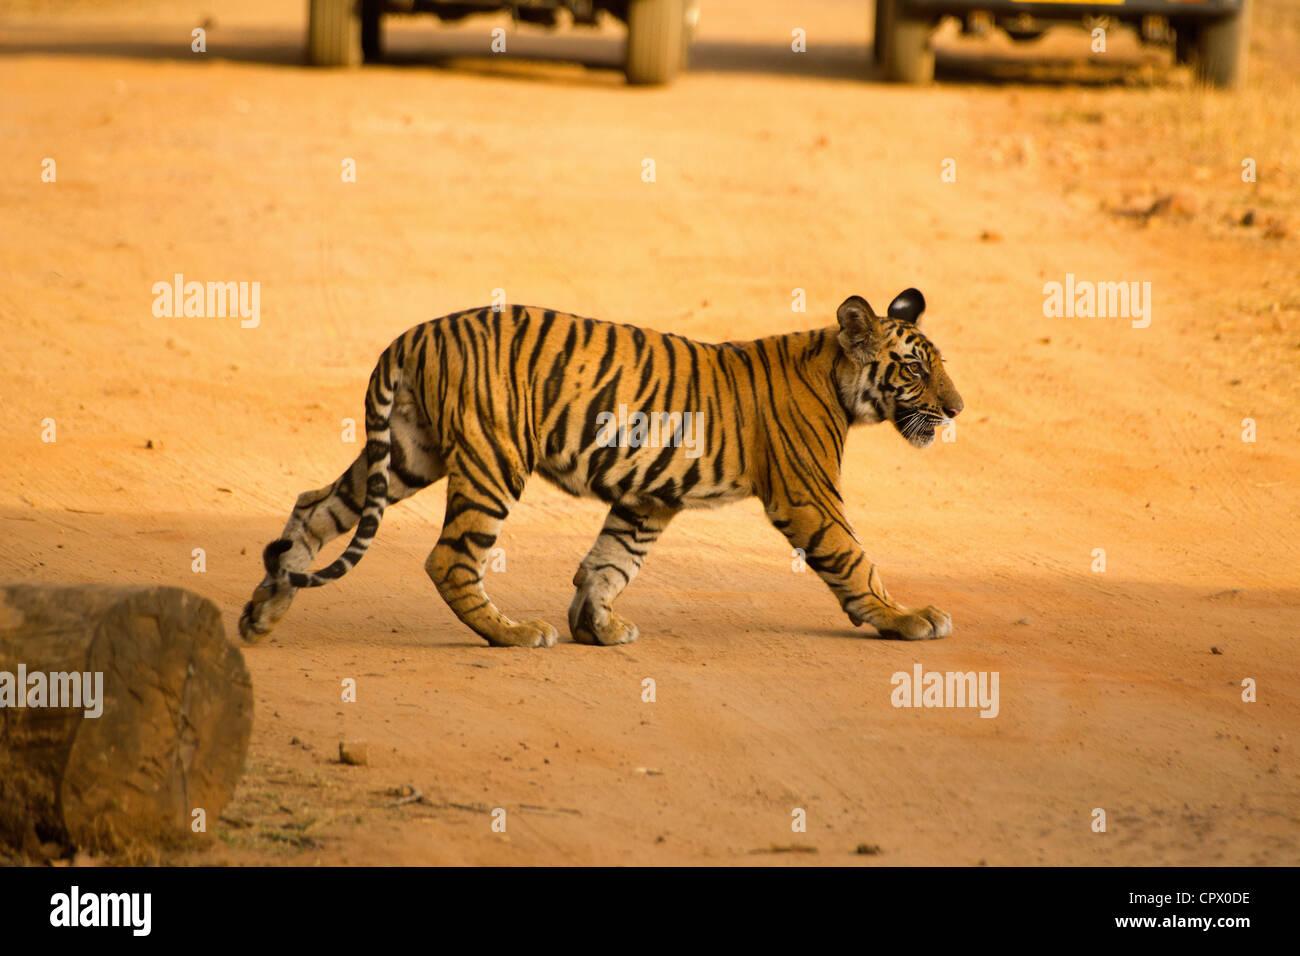 Cub di una tigre chiamato Kankati attraversando la strada a Siddh Baba prati in Bandhavgarh riserva della tigre. Immagini Stock